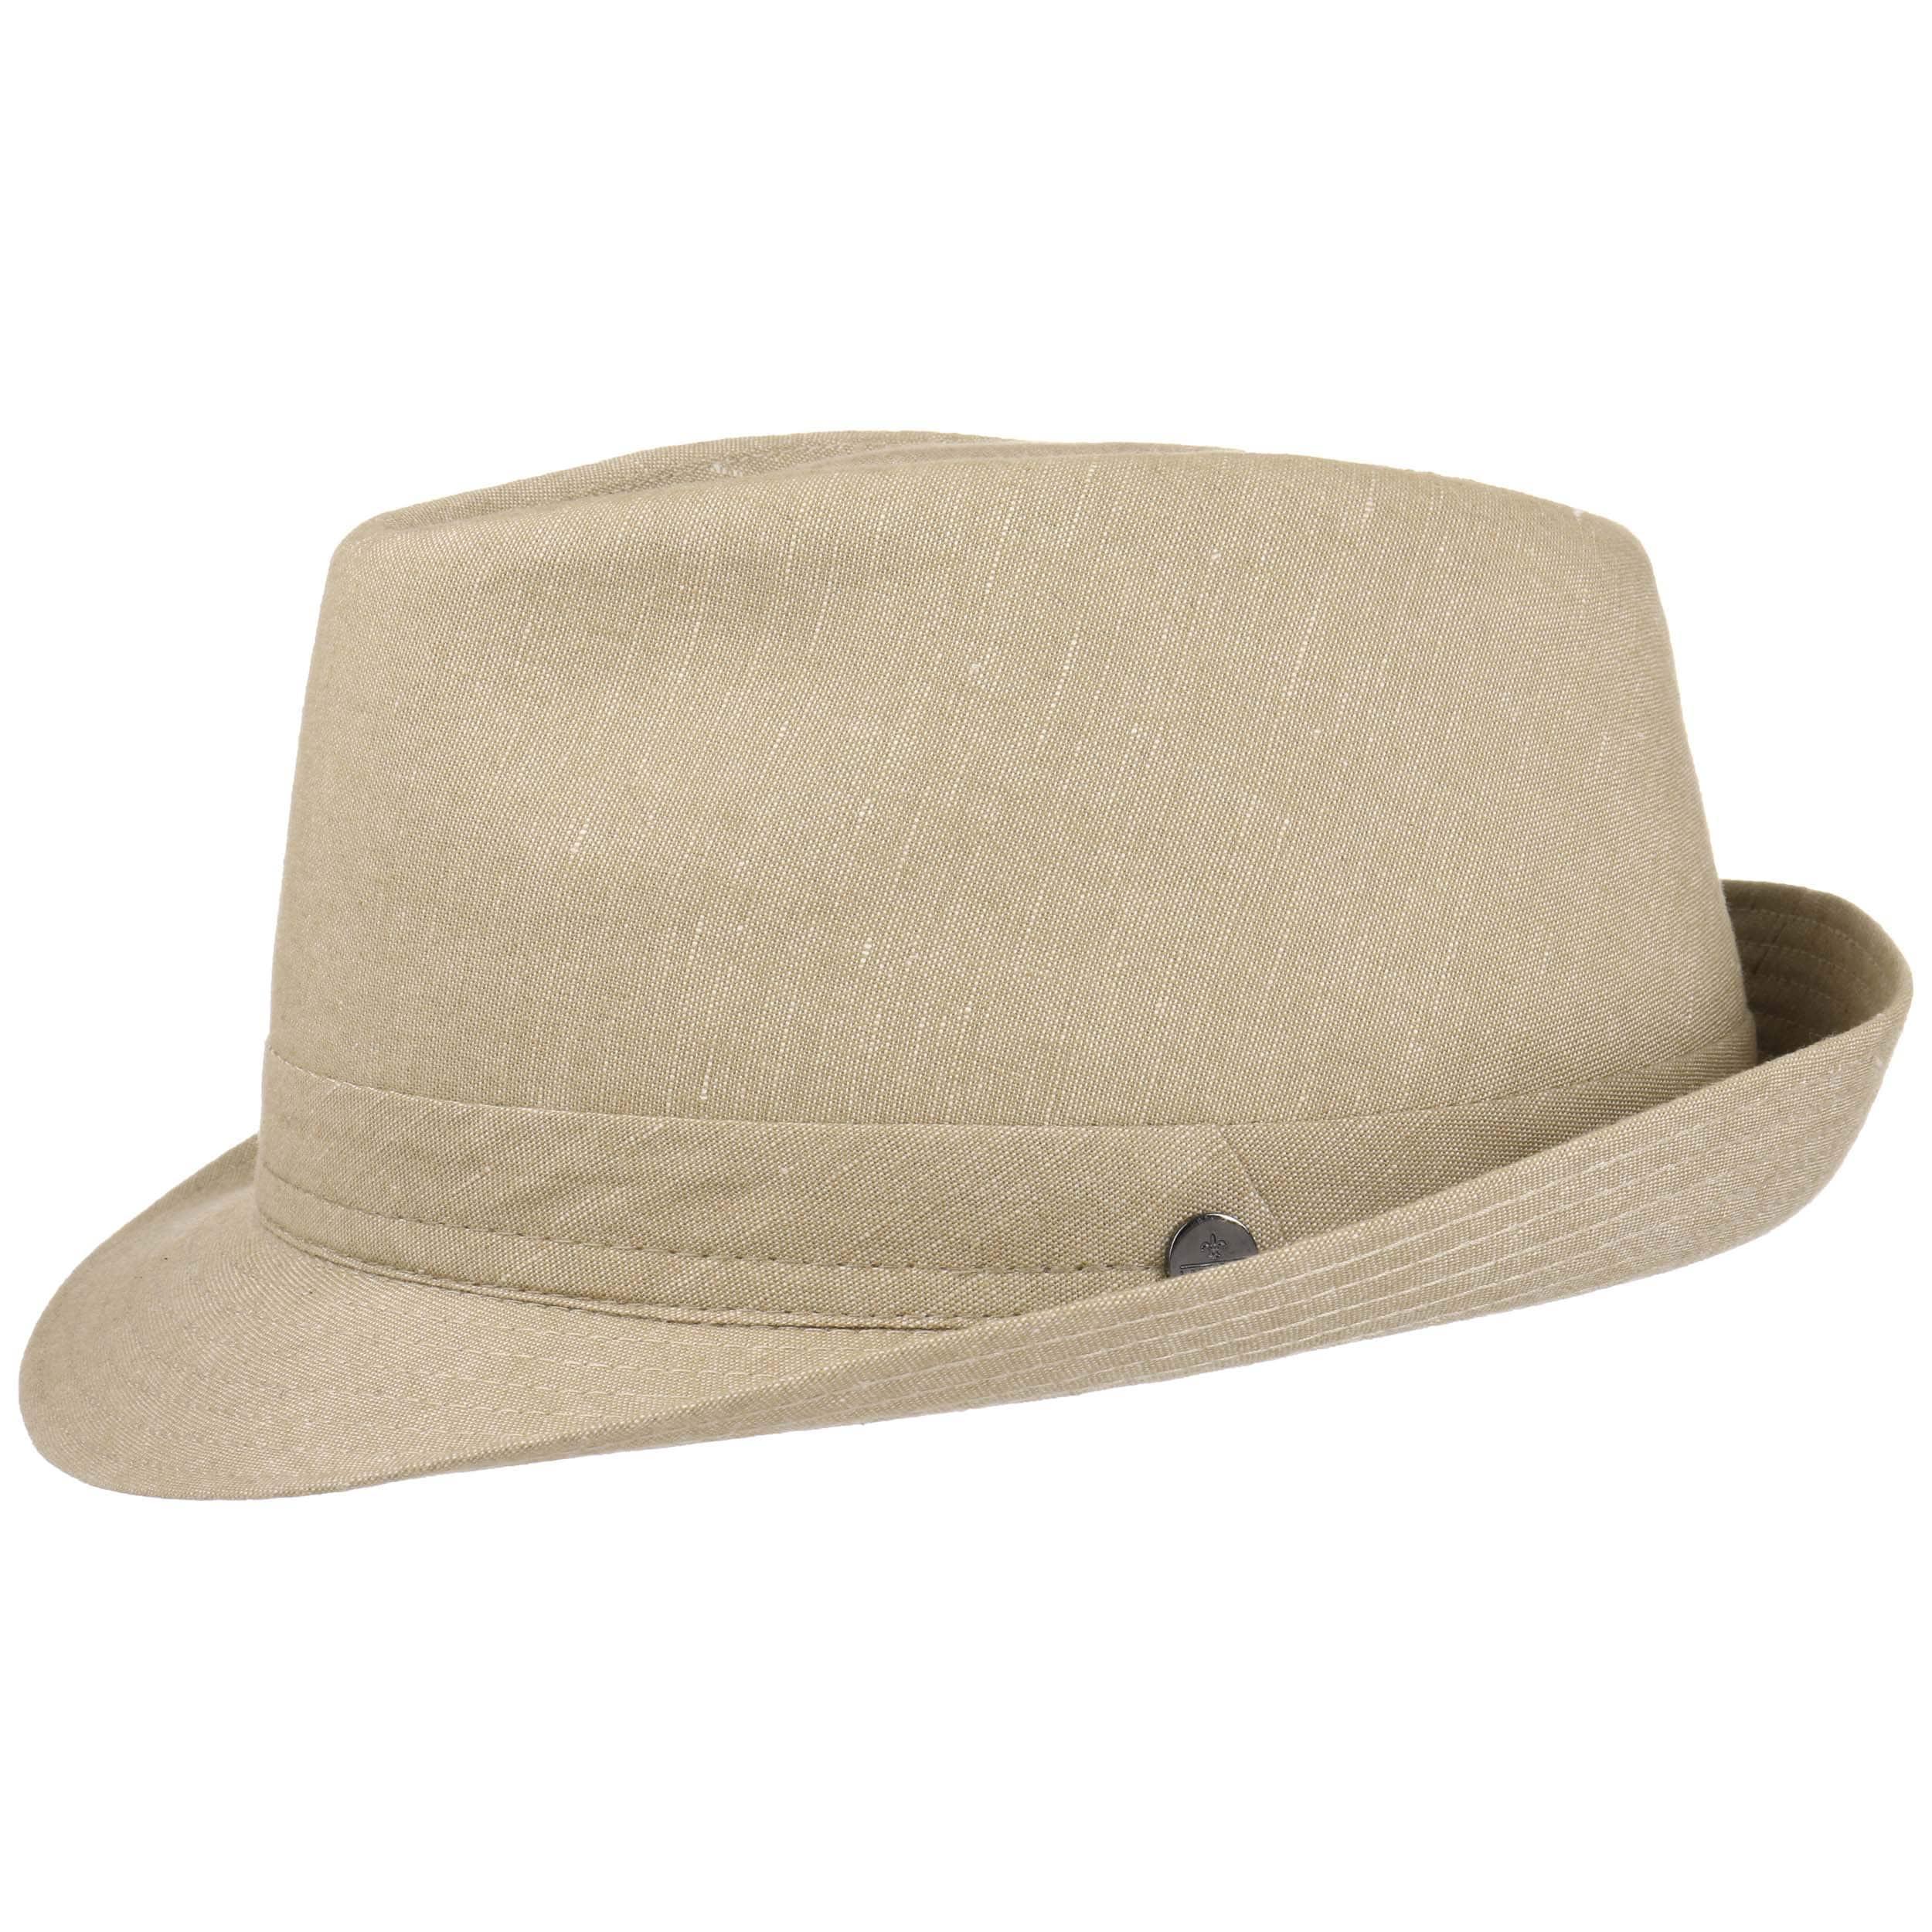 ... Misto Lino Linen Trilby Hat by Lierys - beige 4 ... 38c97d909174